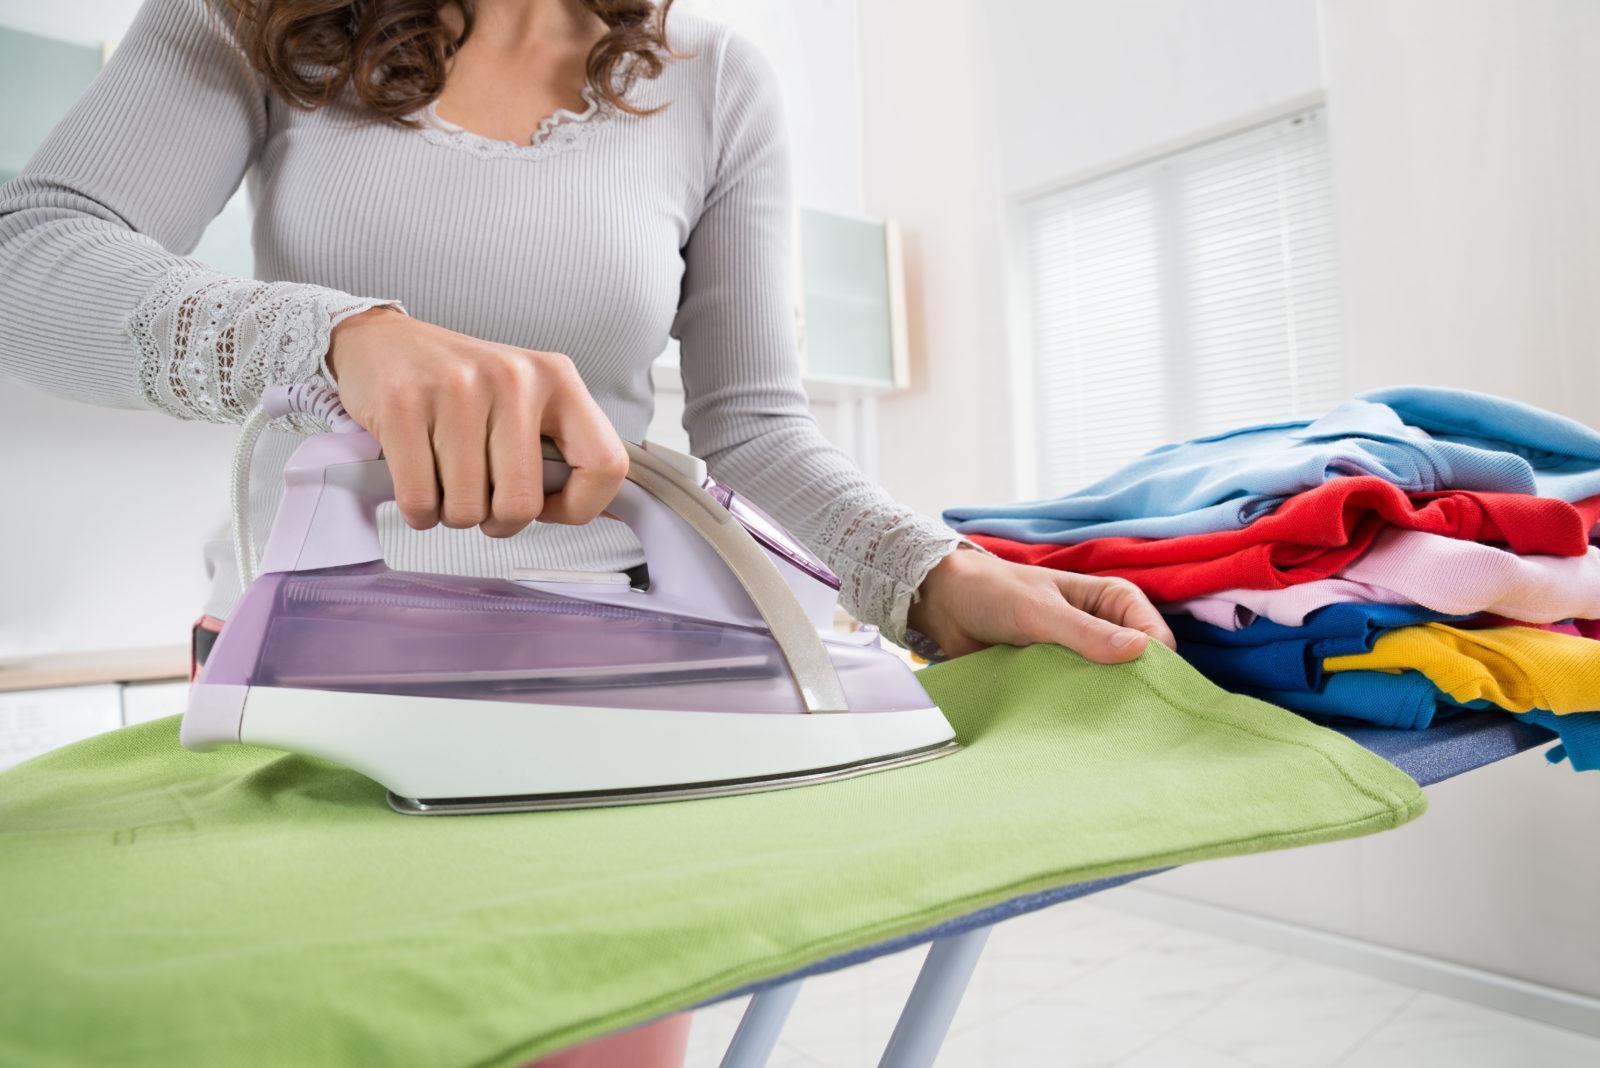 Глажка детских вещей комаровский. как долго нужно гладить белье (пеленки) для новорожденного? и нужно ли их гладить? вот что пишут мамочки на форумах